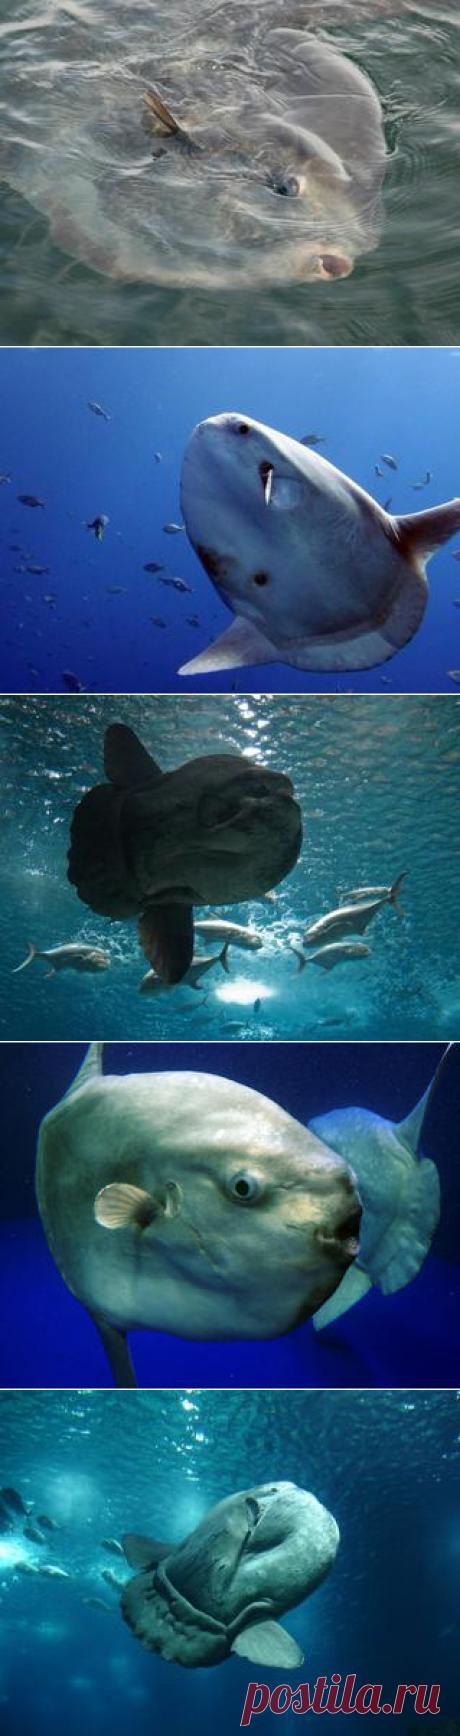 Смотреть изображения лун-рыб | Зооляндия